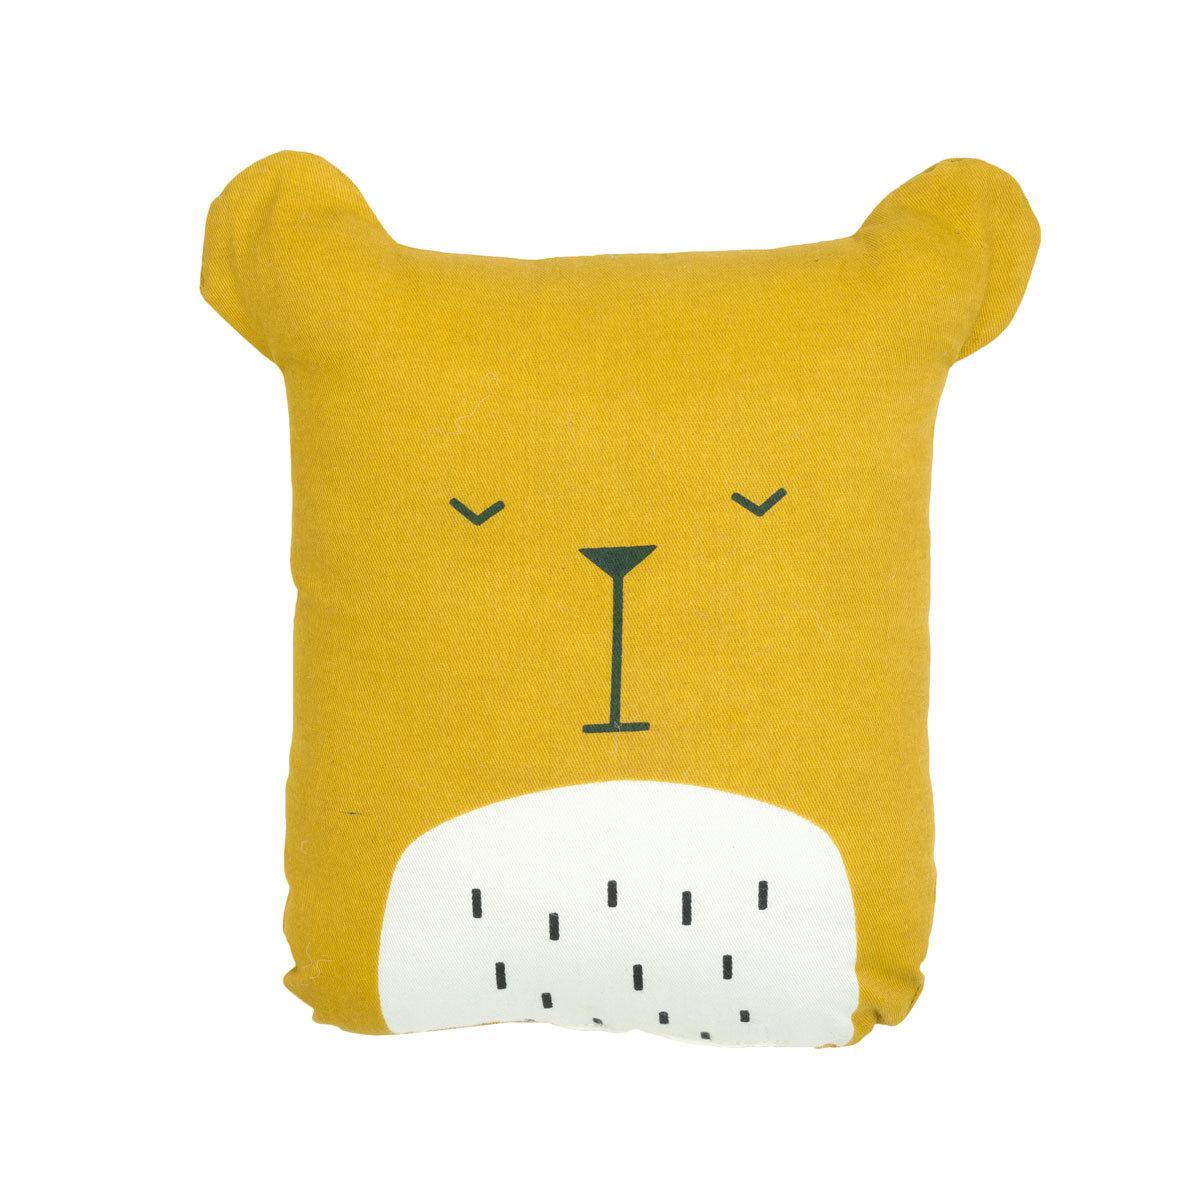 Coussin Coussin Lazy Bear - Miel Coussin Lazy Bear - Miel